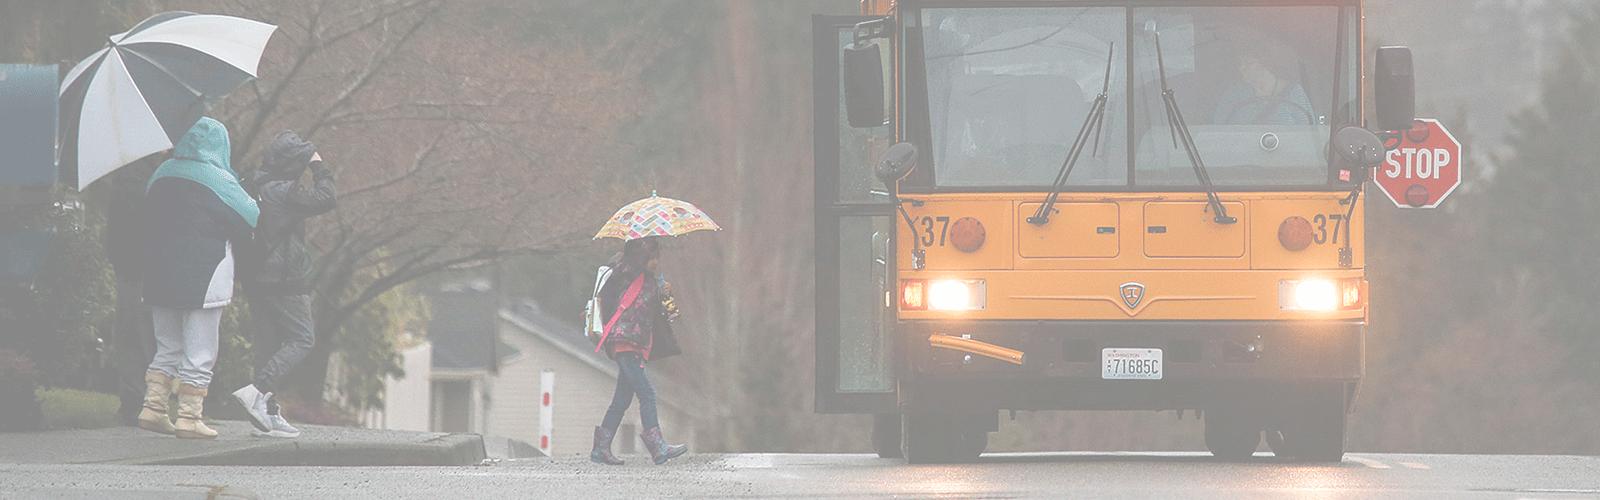 Seguridad en el transporte escolar